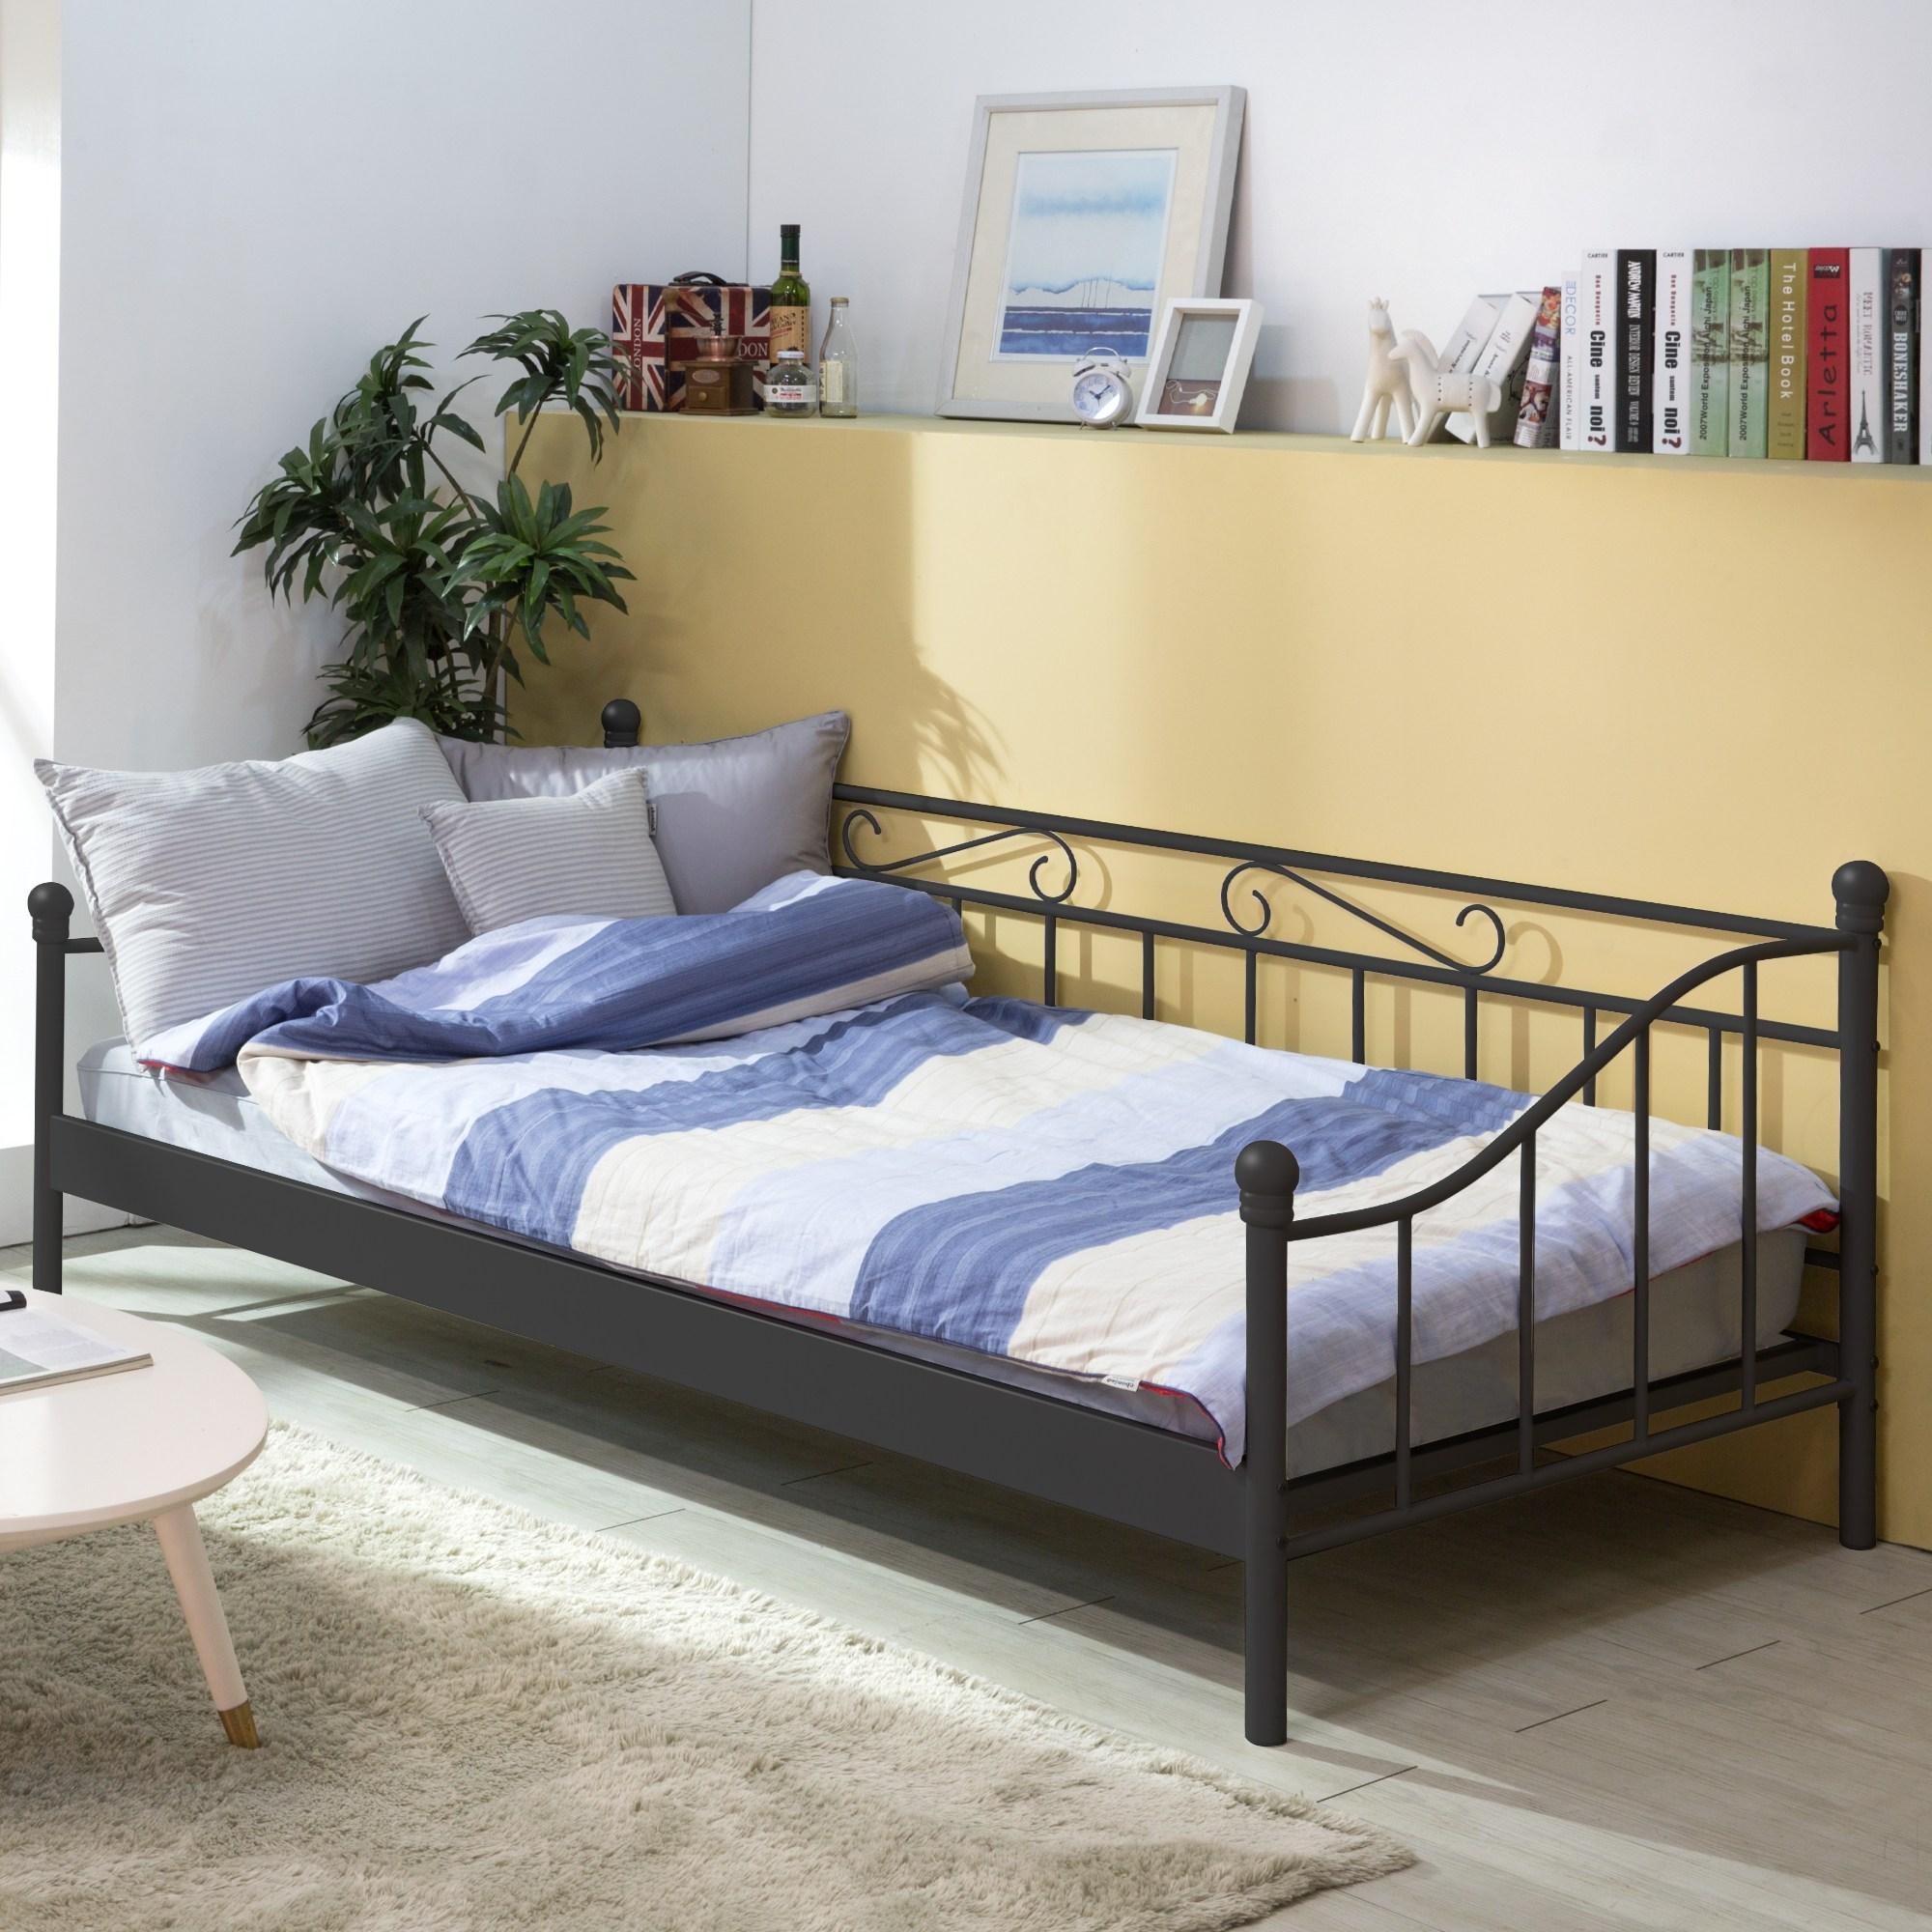 에보니아 철제 데이베드 소파베드 슈퍼싱글 침대 시리즈_매트선택, A형_화이트